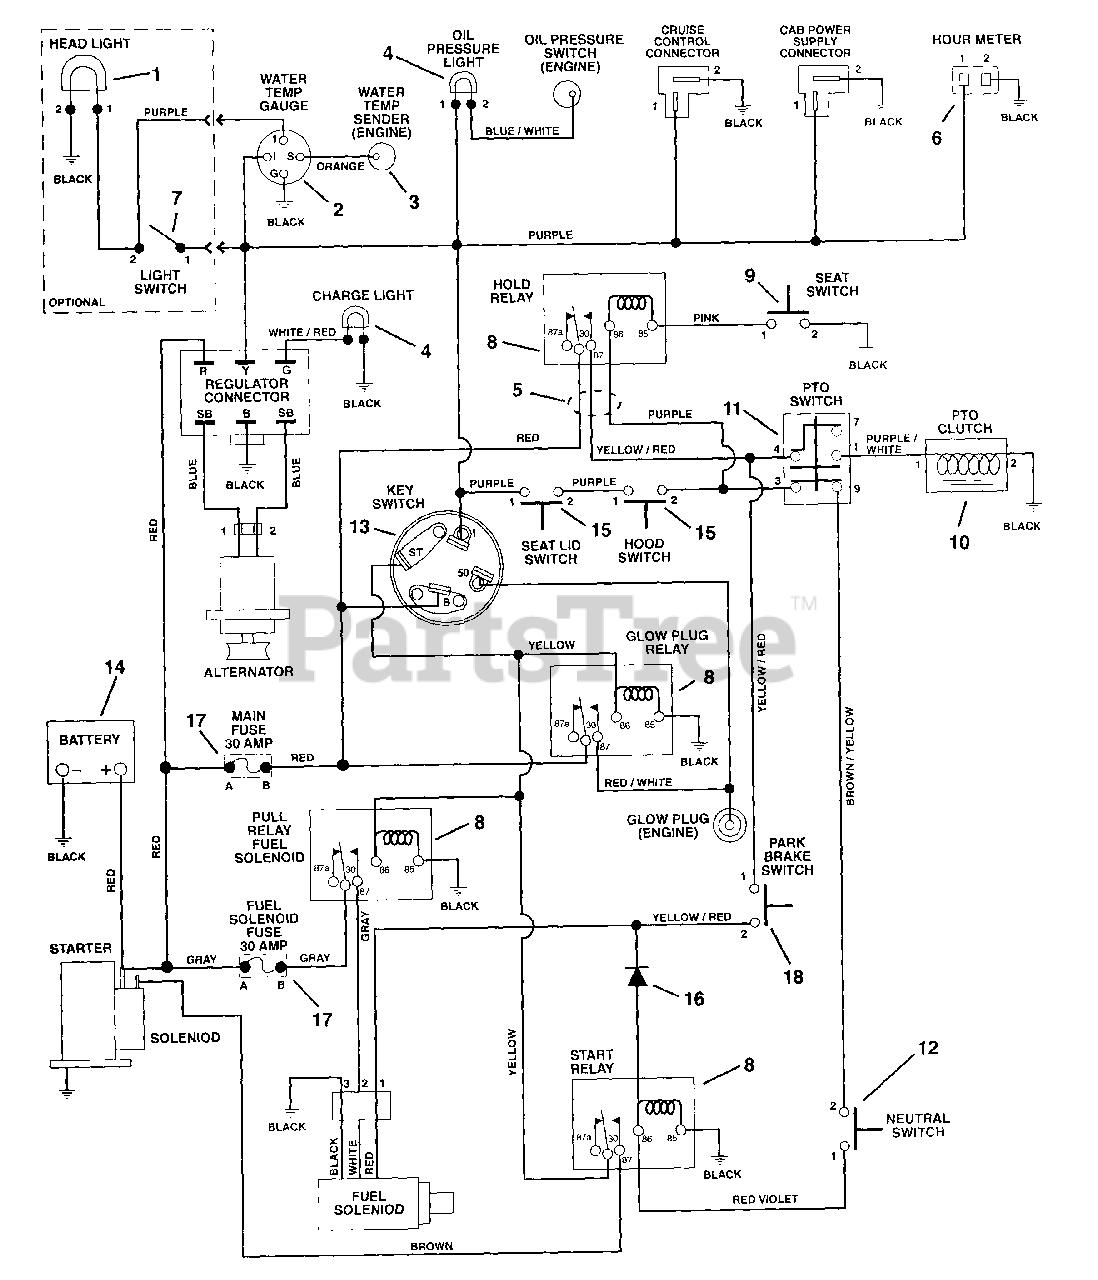 Yanmar 3ym30 Wiring Diagram